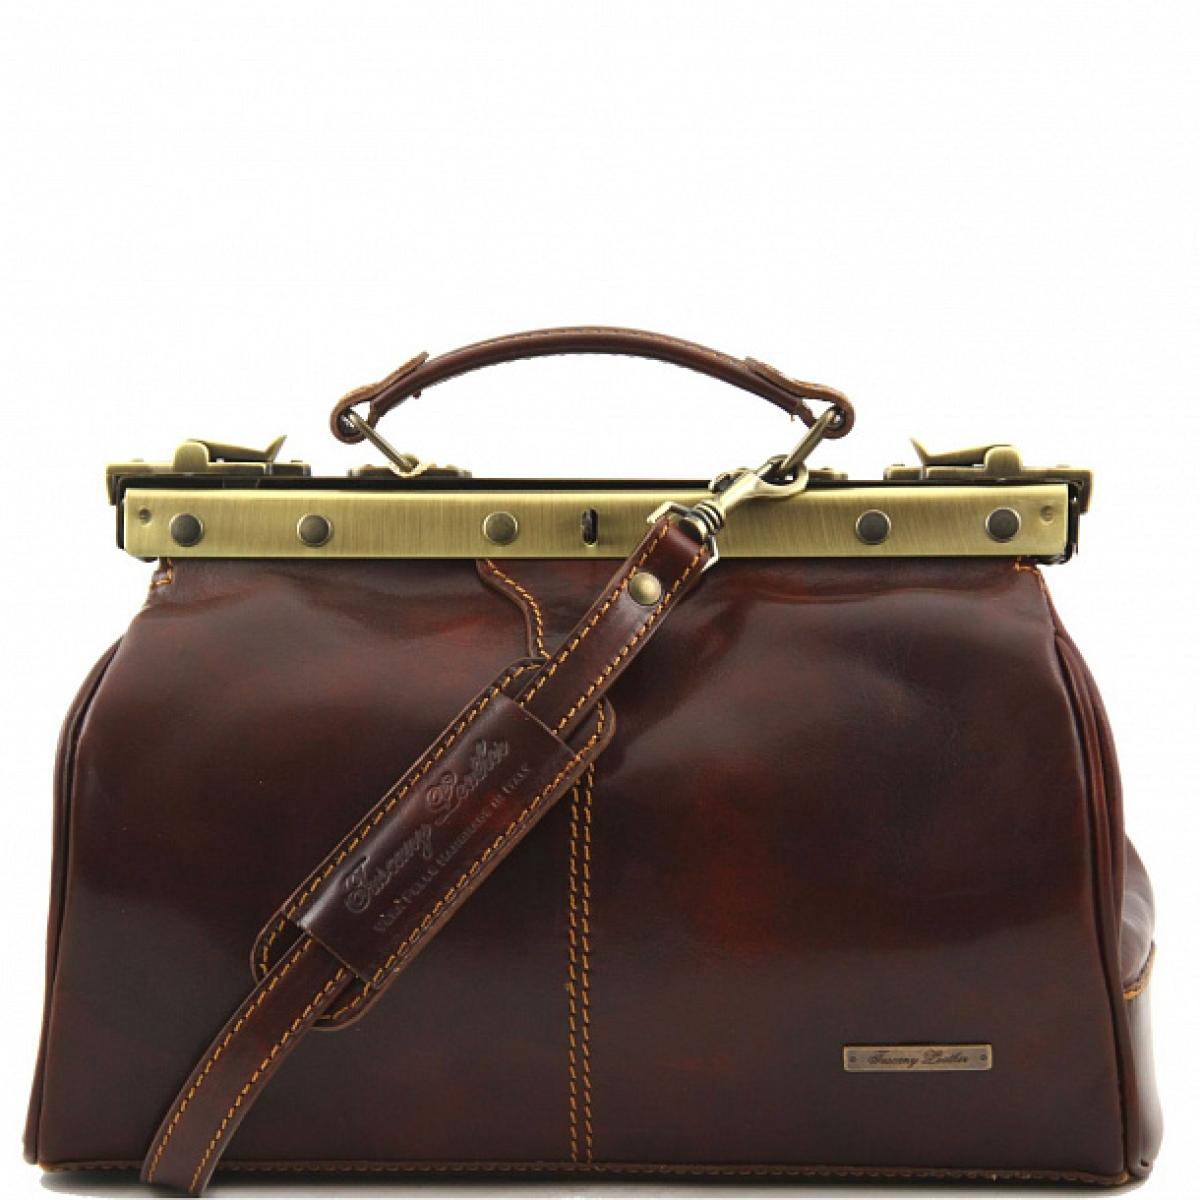 05e135ea739c Кожаный саквояж Tuscany Leather MICHELANGELO TL10038 (в наличии ...